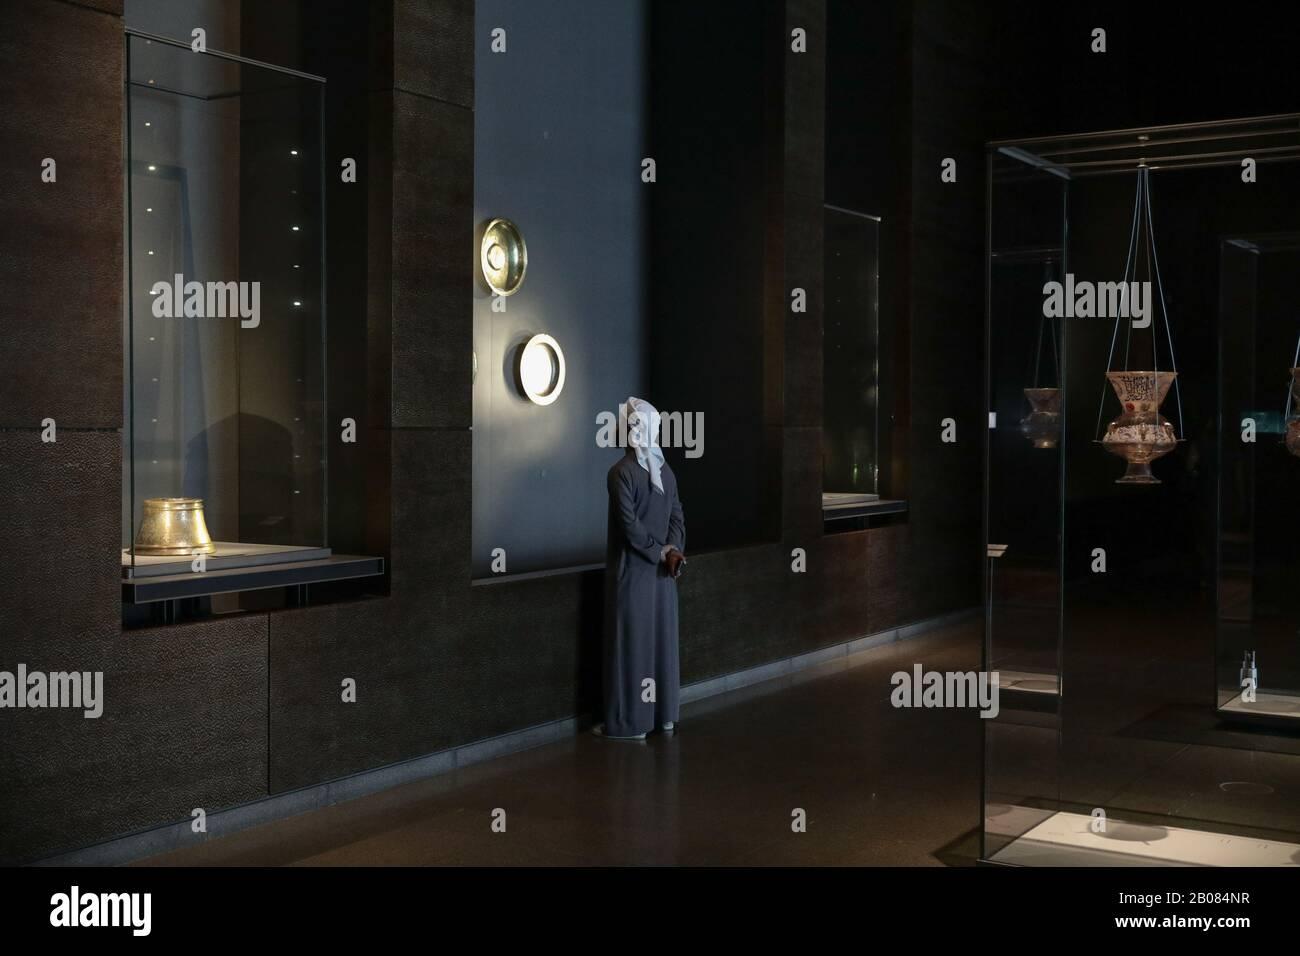 Museo Di Arte Islamica, Doha, Qatar, Il 10 Ottobre 2019. / Μουσείο Ισλαμικής Τέχνης, Ντόχα, Κατάρ, 10 Οκτωβρίου 2019. Foto Stock